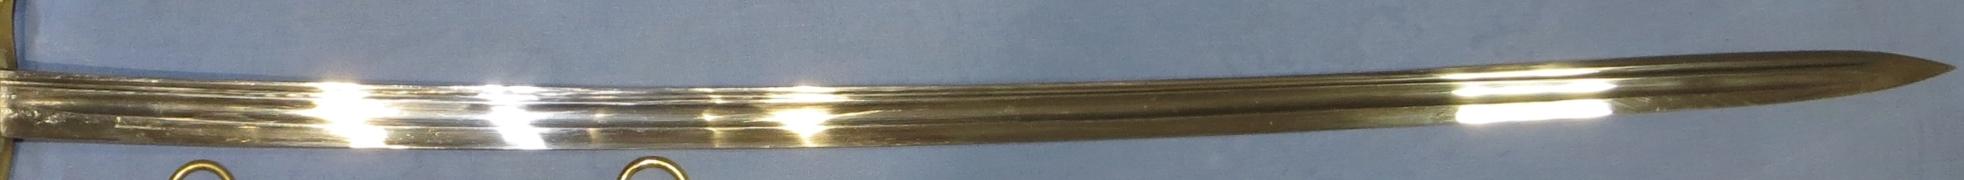 LIVRE T2 SABRES FRANCAIS 1830-1870 11711